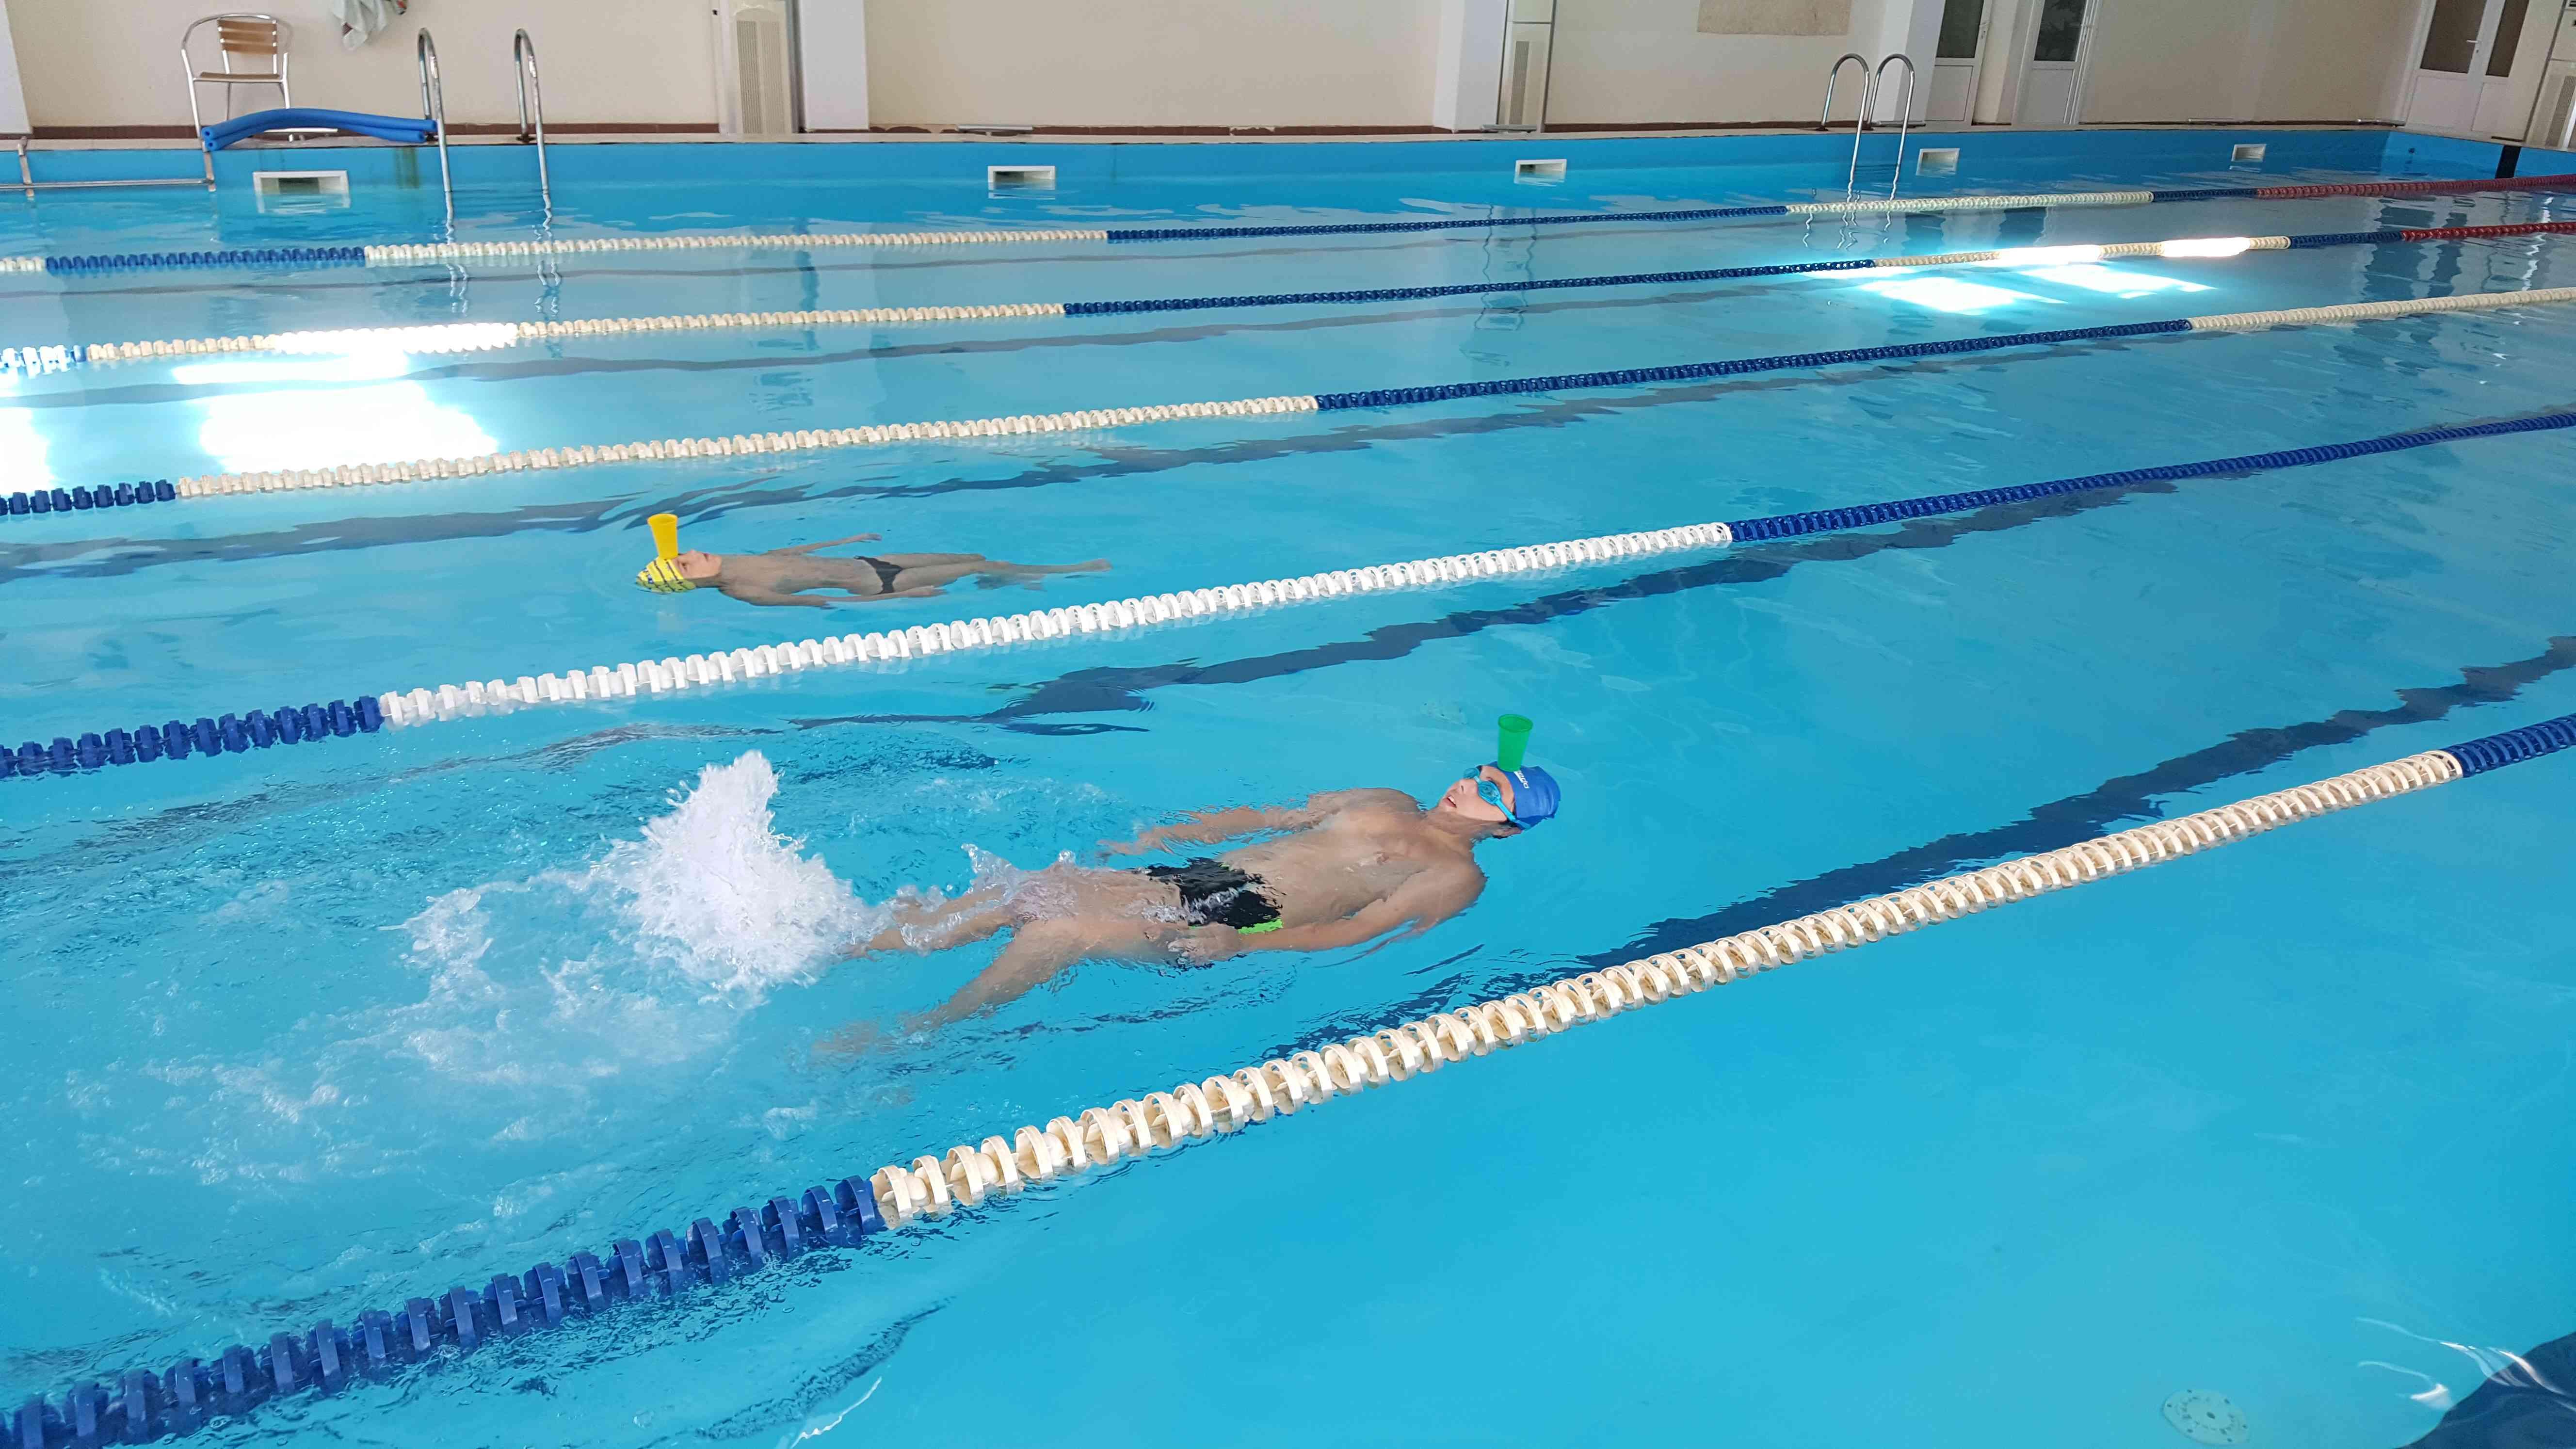 спортивное плавание для детей москва фотоаппарат кратным